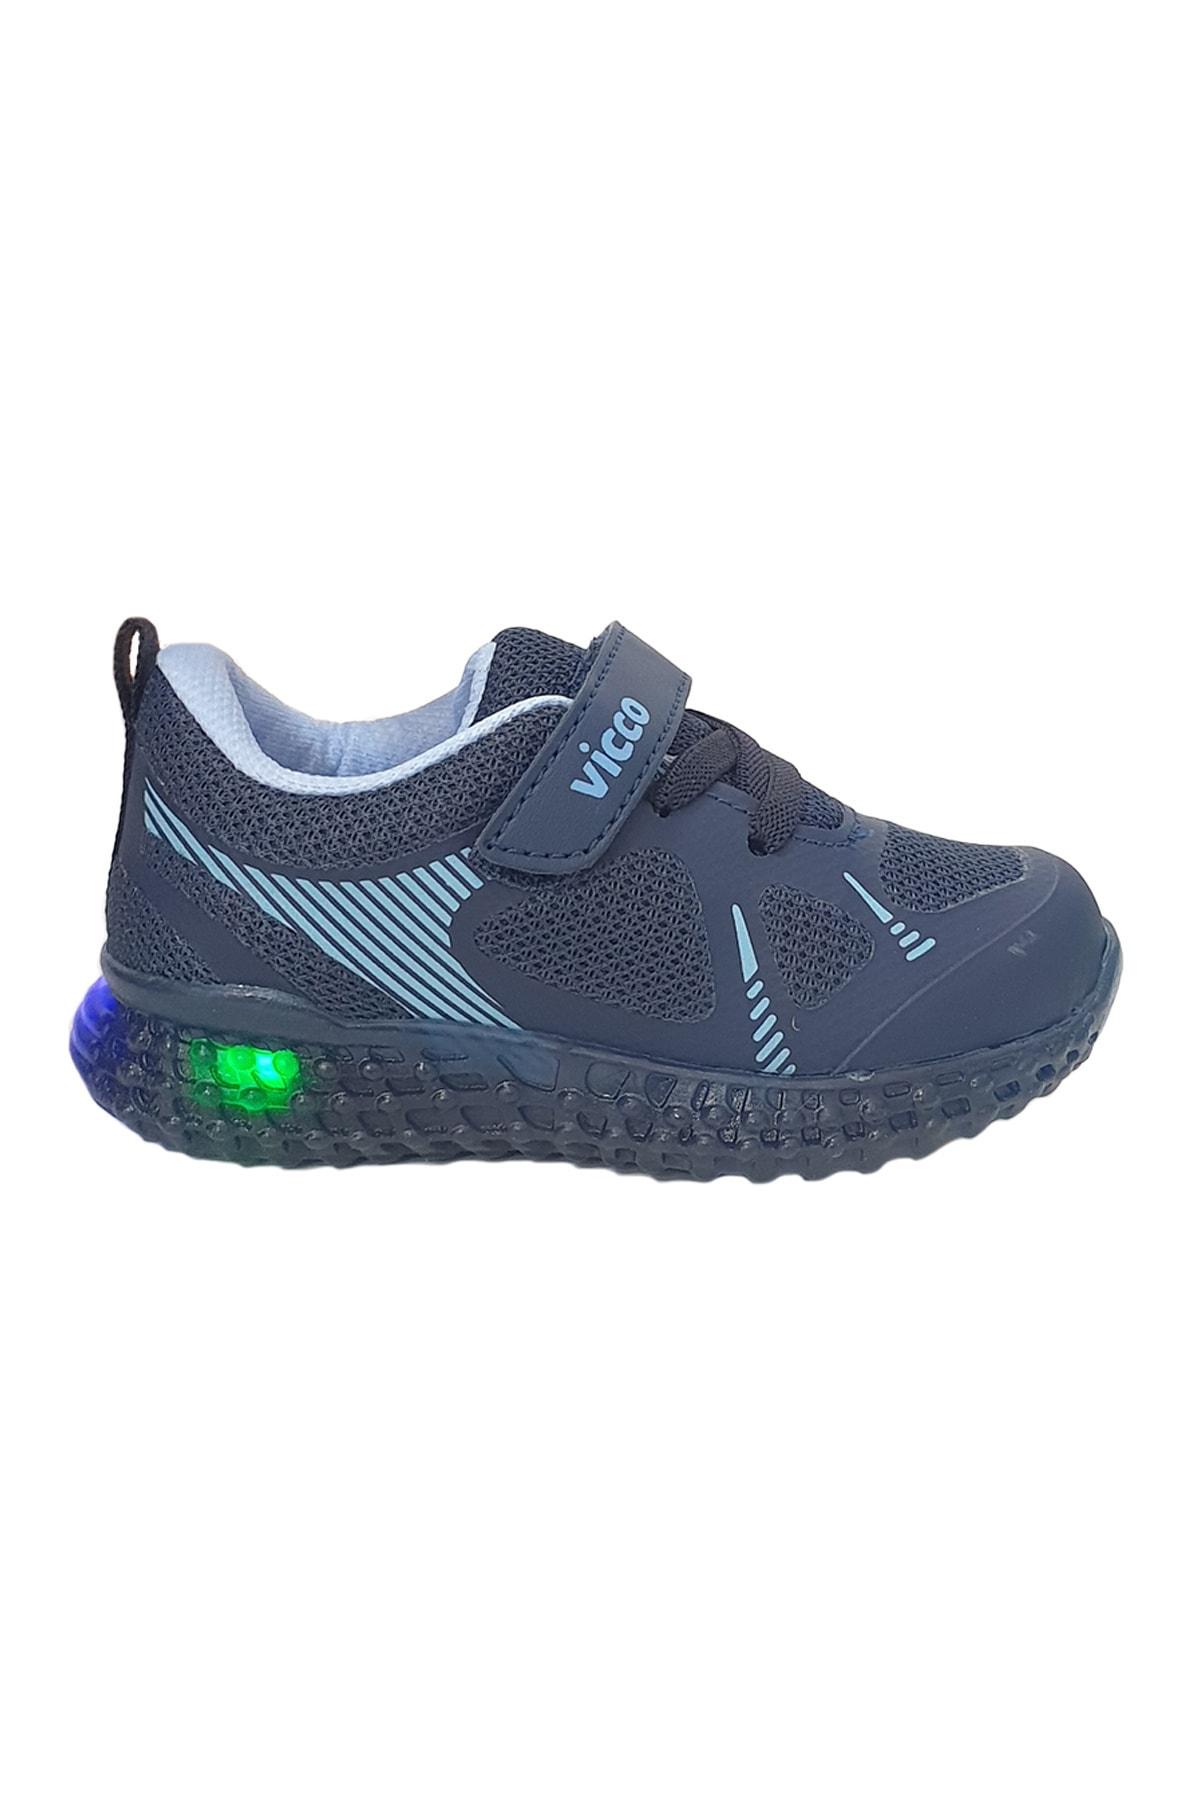 İLHAN PAŞAOĞLU Erkek Çocuk Lacivert Işıklı Spor Ayakkabı 1